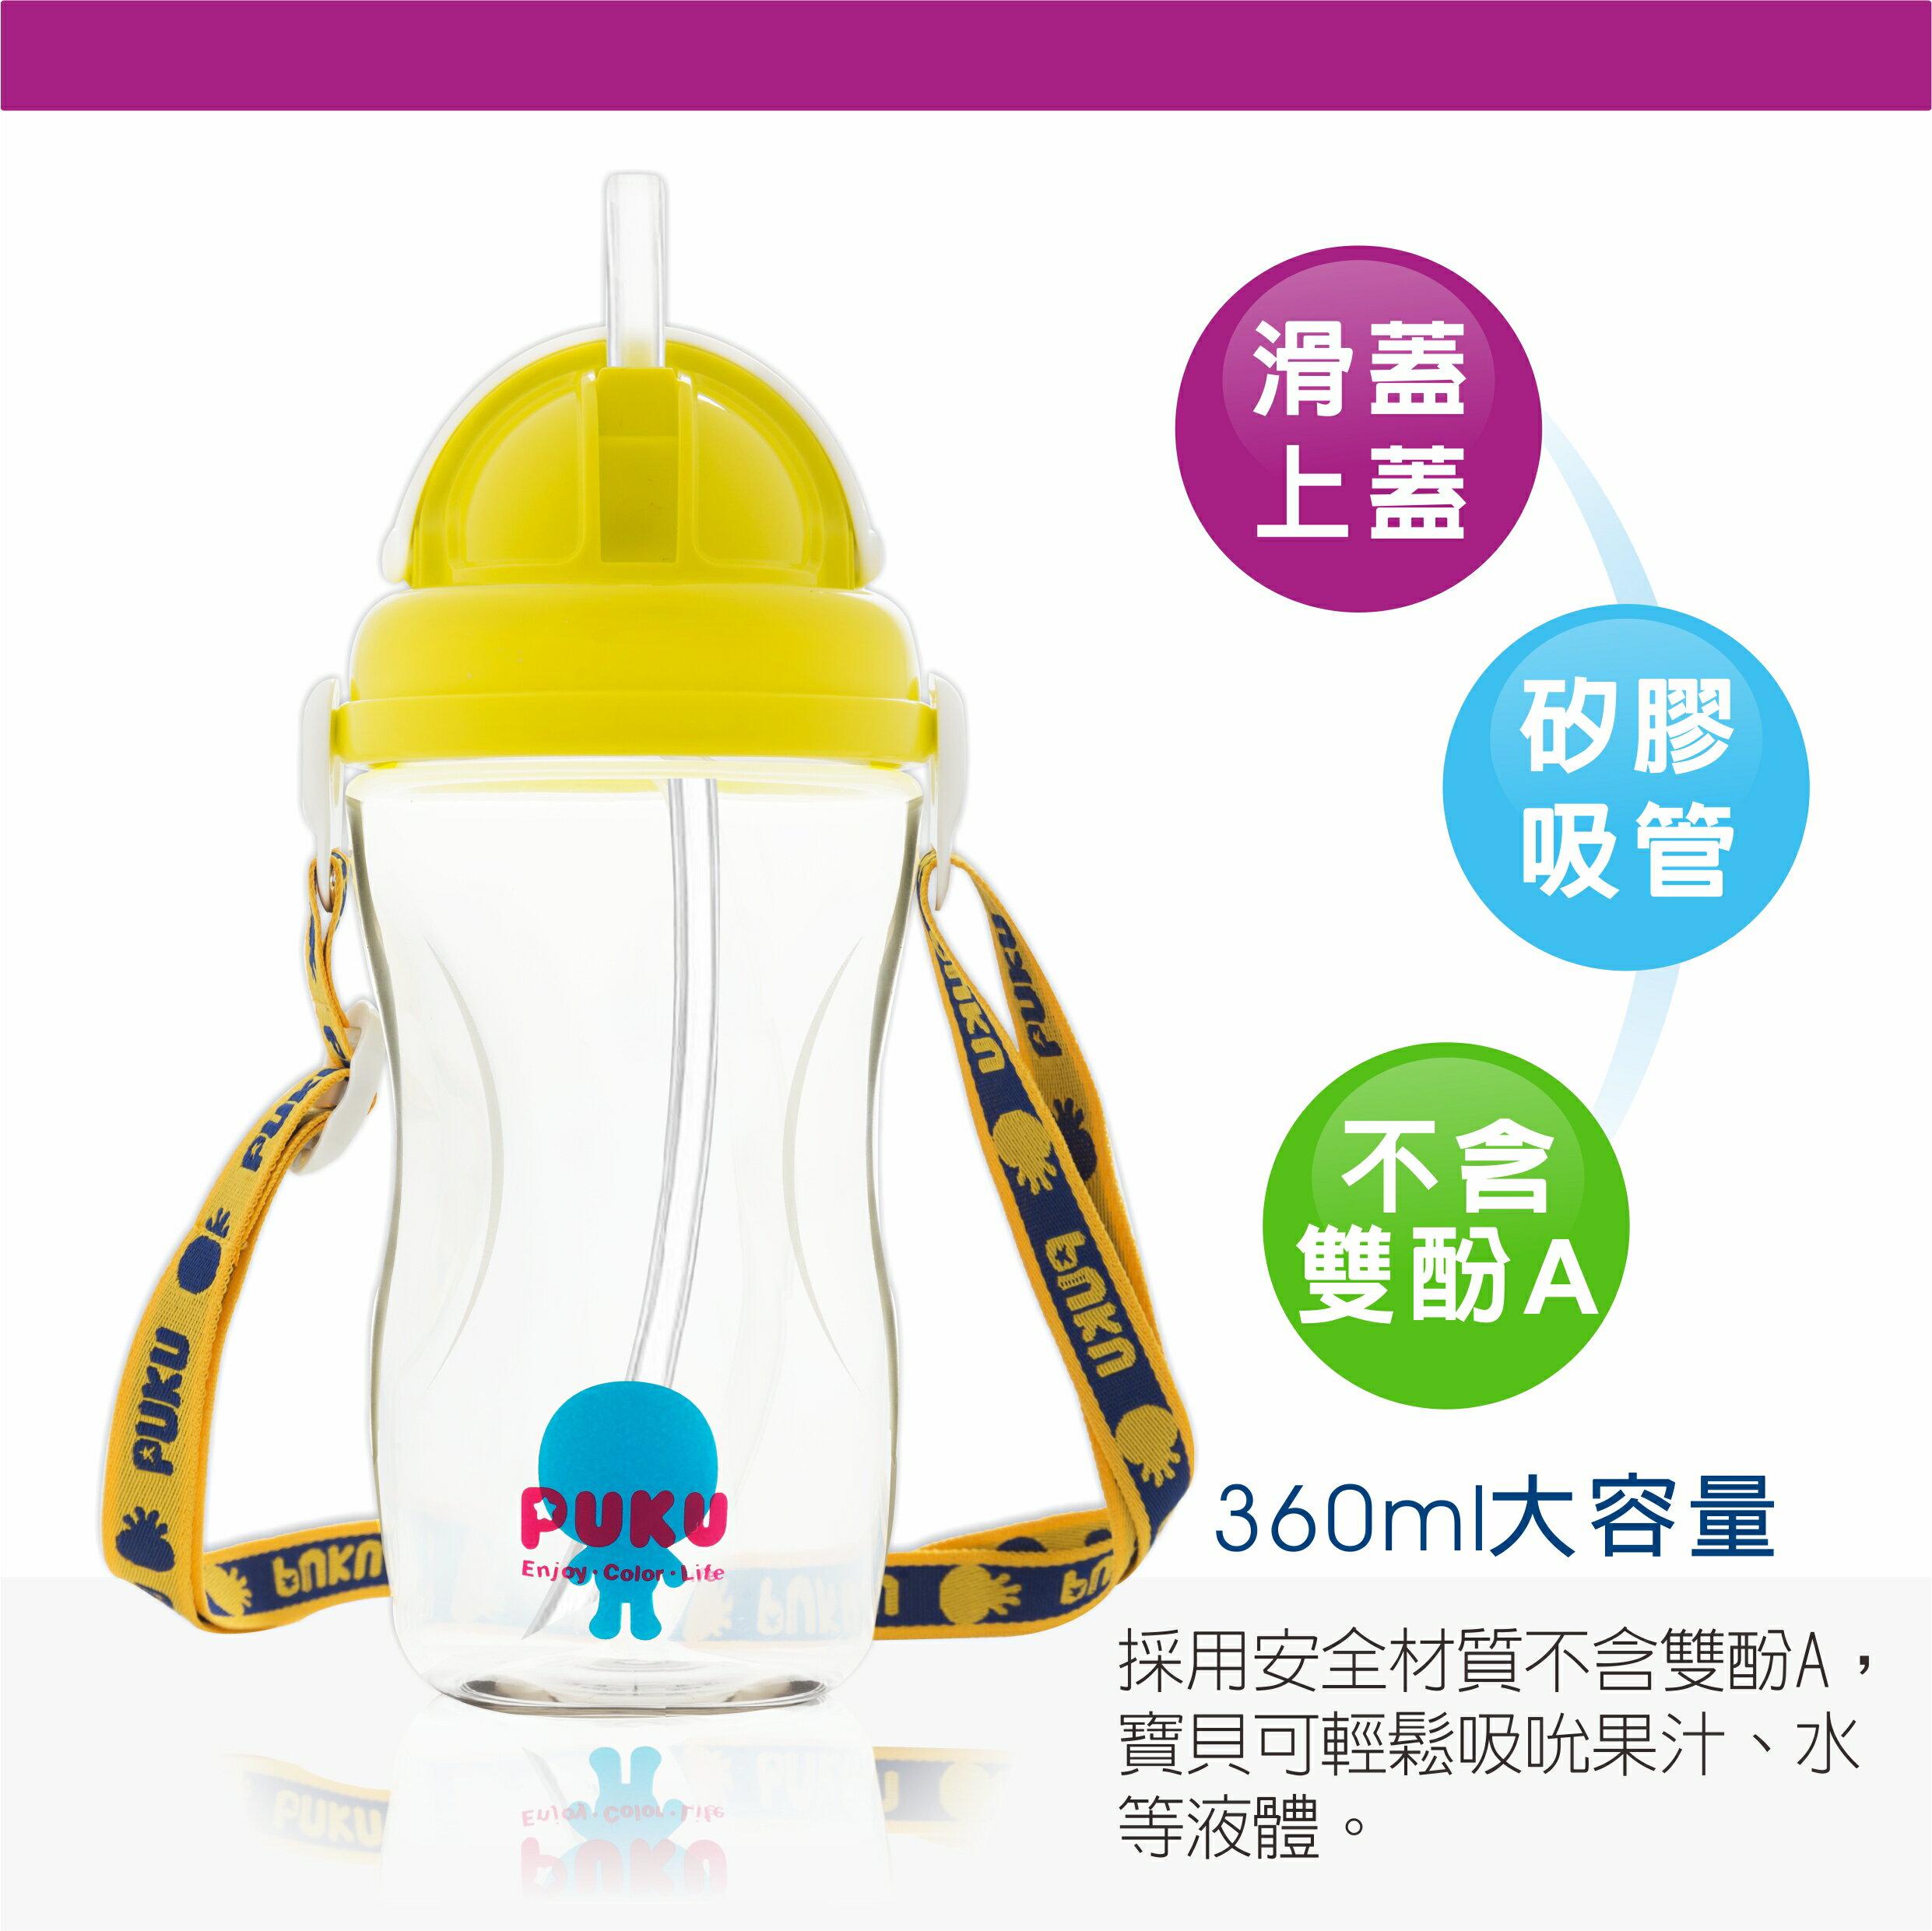 『121婦嬰用品館』PUKU 太空滑蓋揹帶水壺 360ml 4